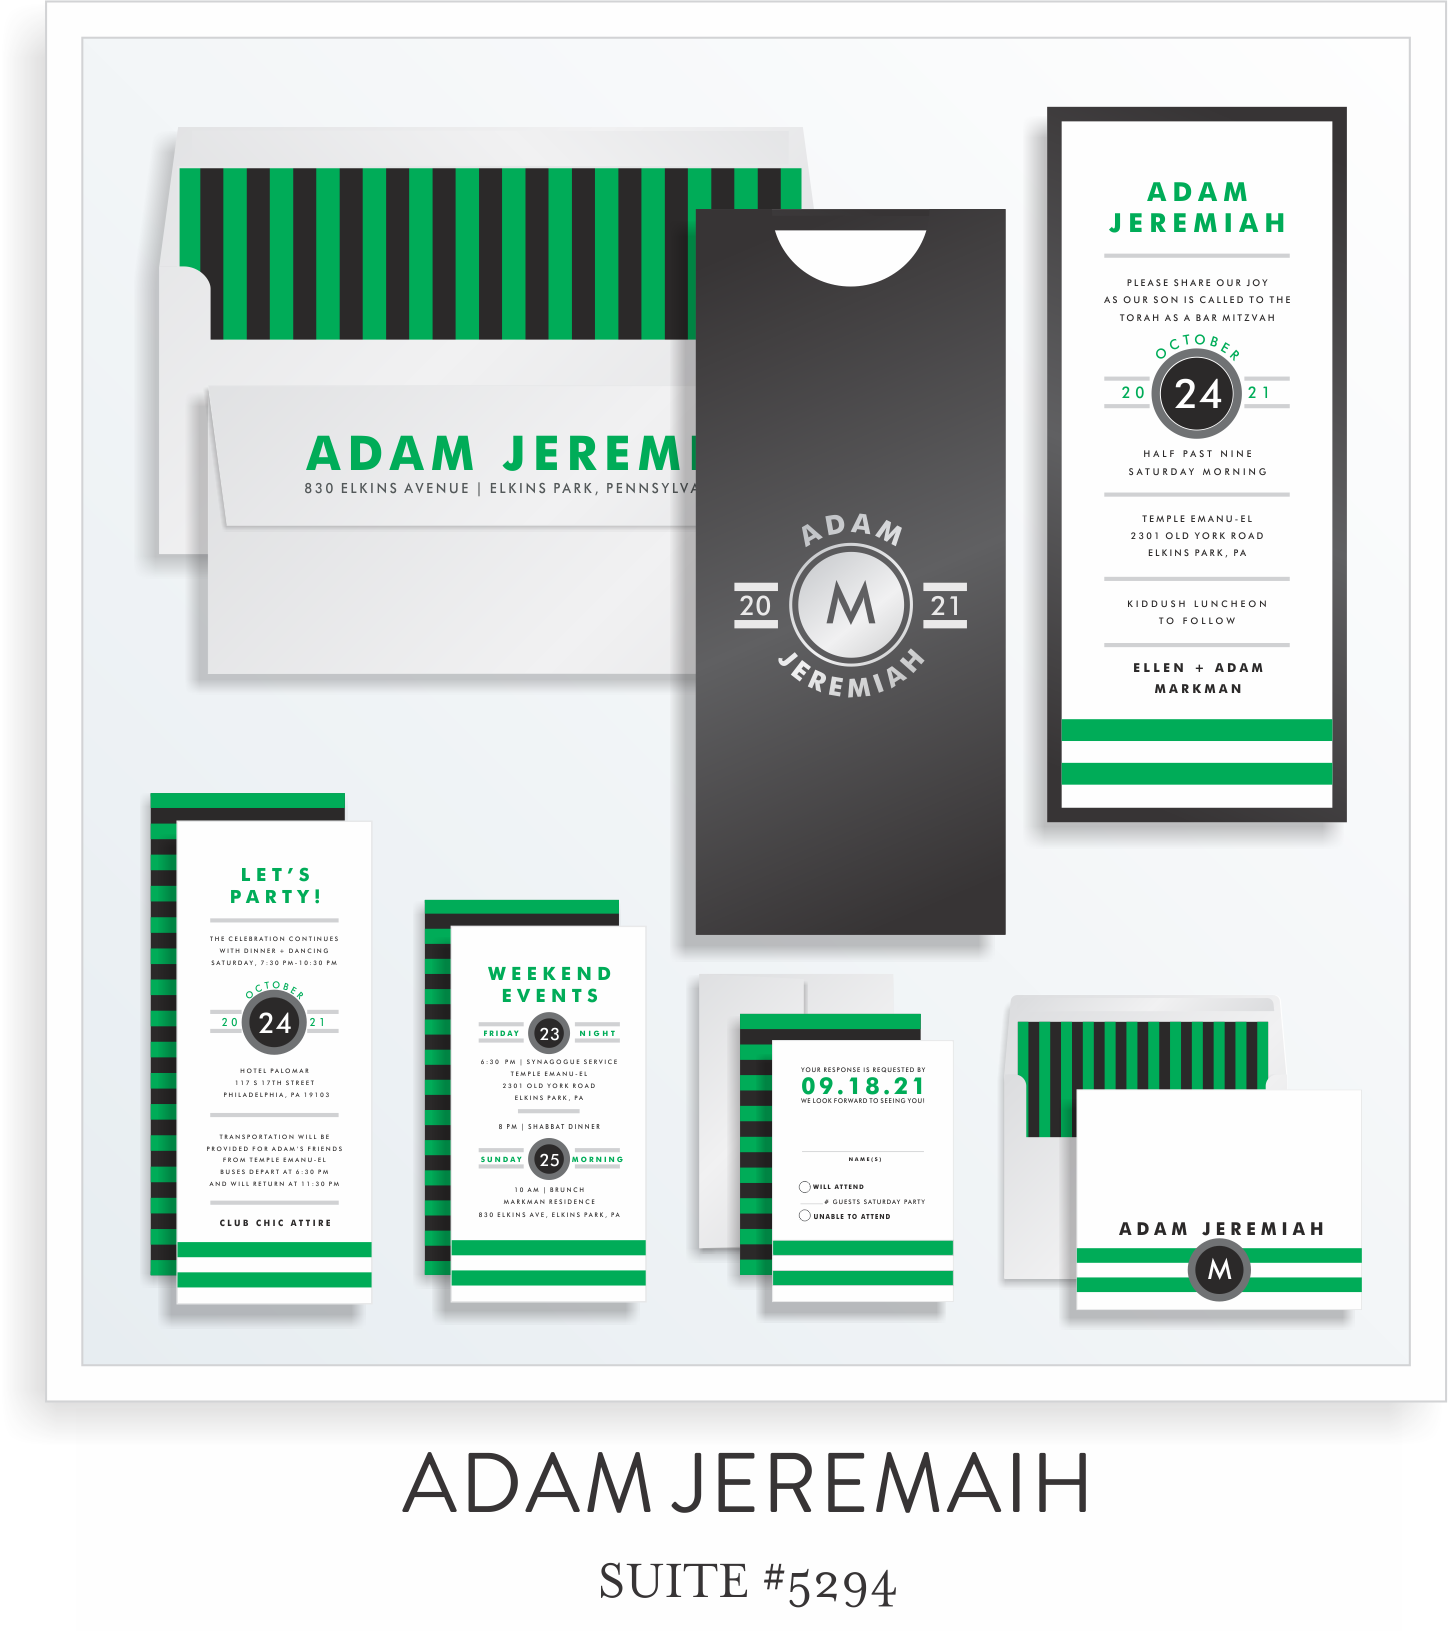 5294 ADAM JEREMIAH SUITE THUMB.png